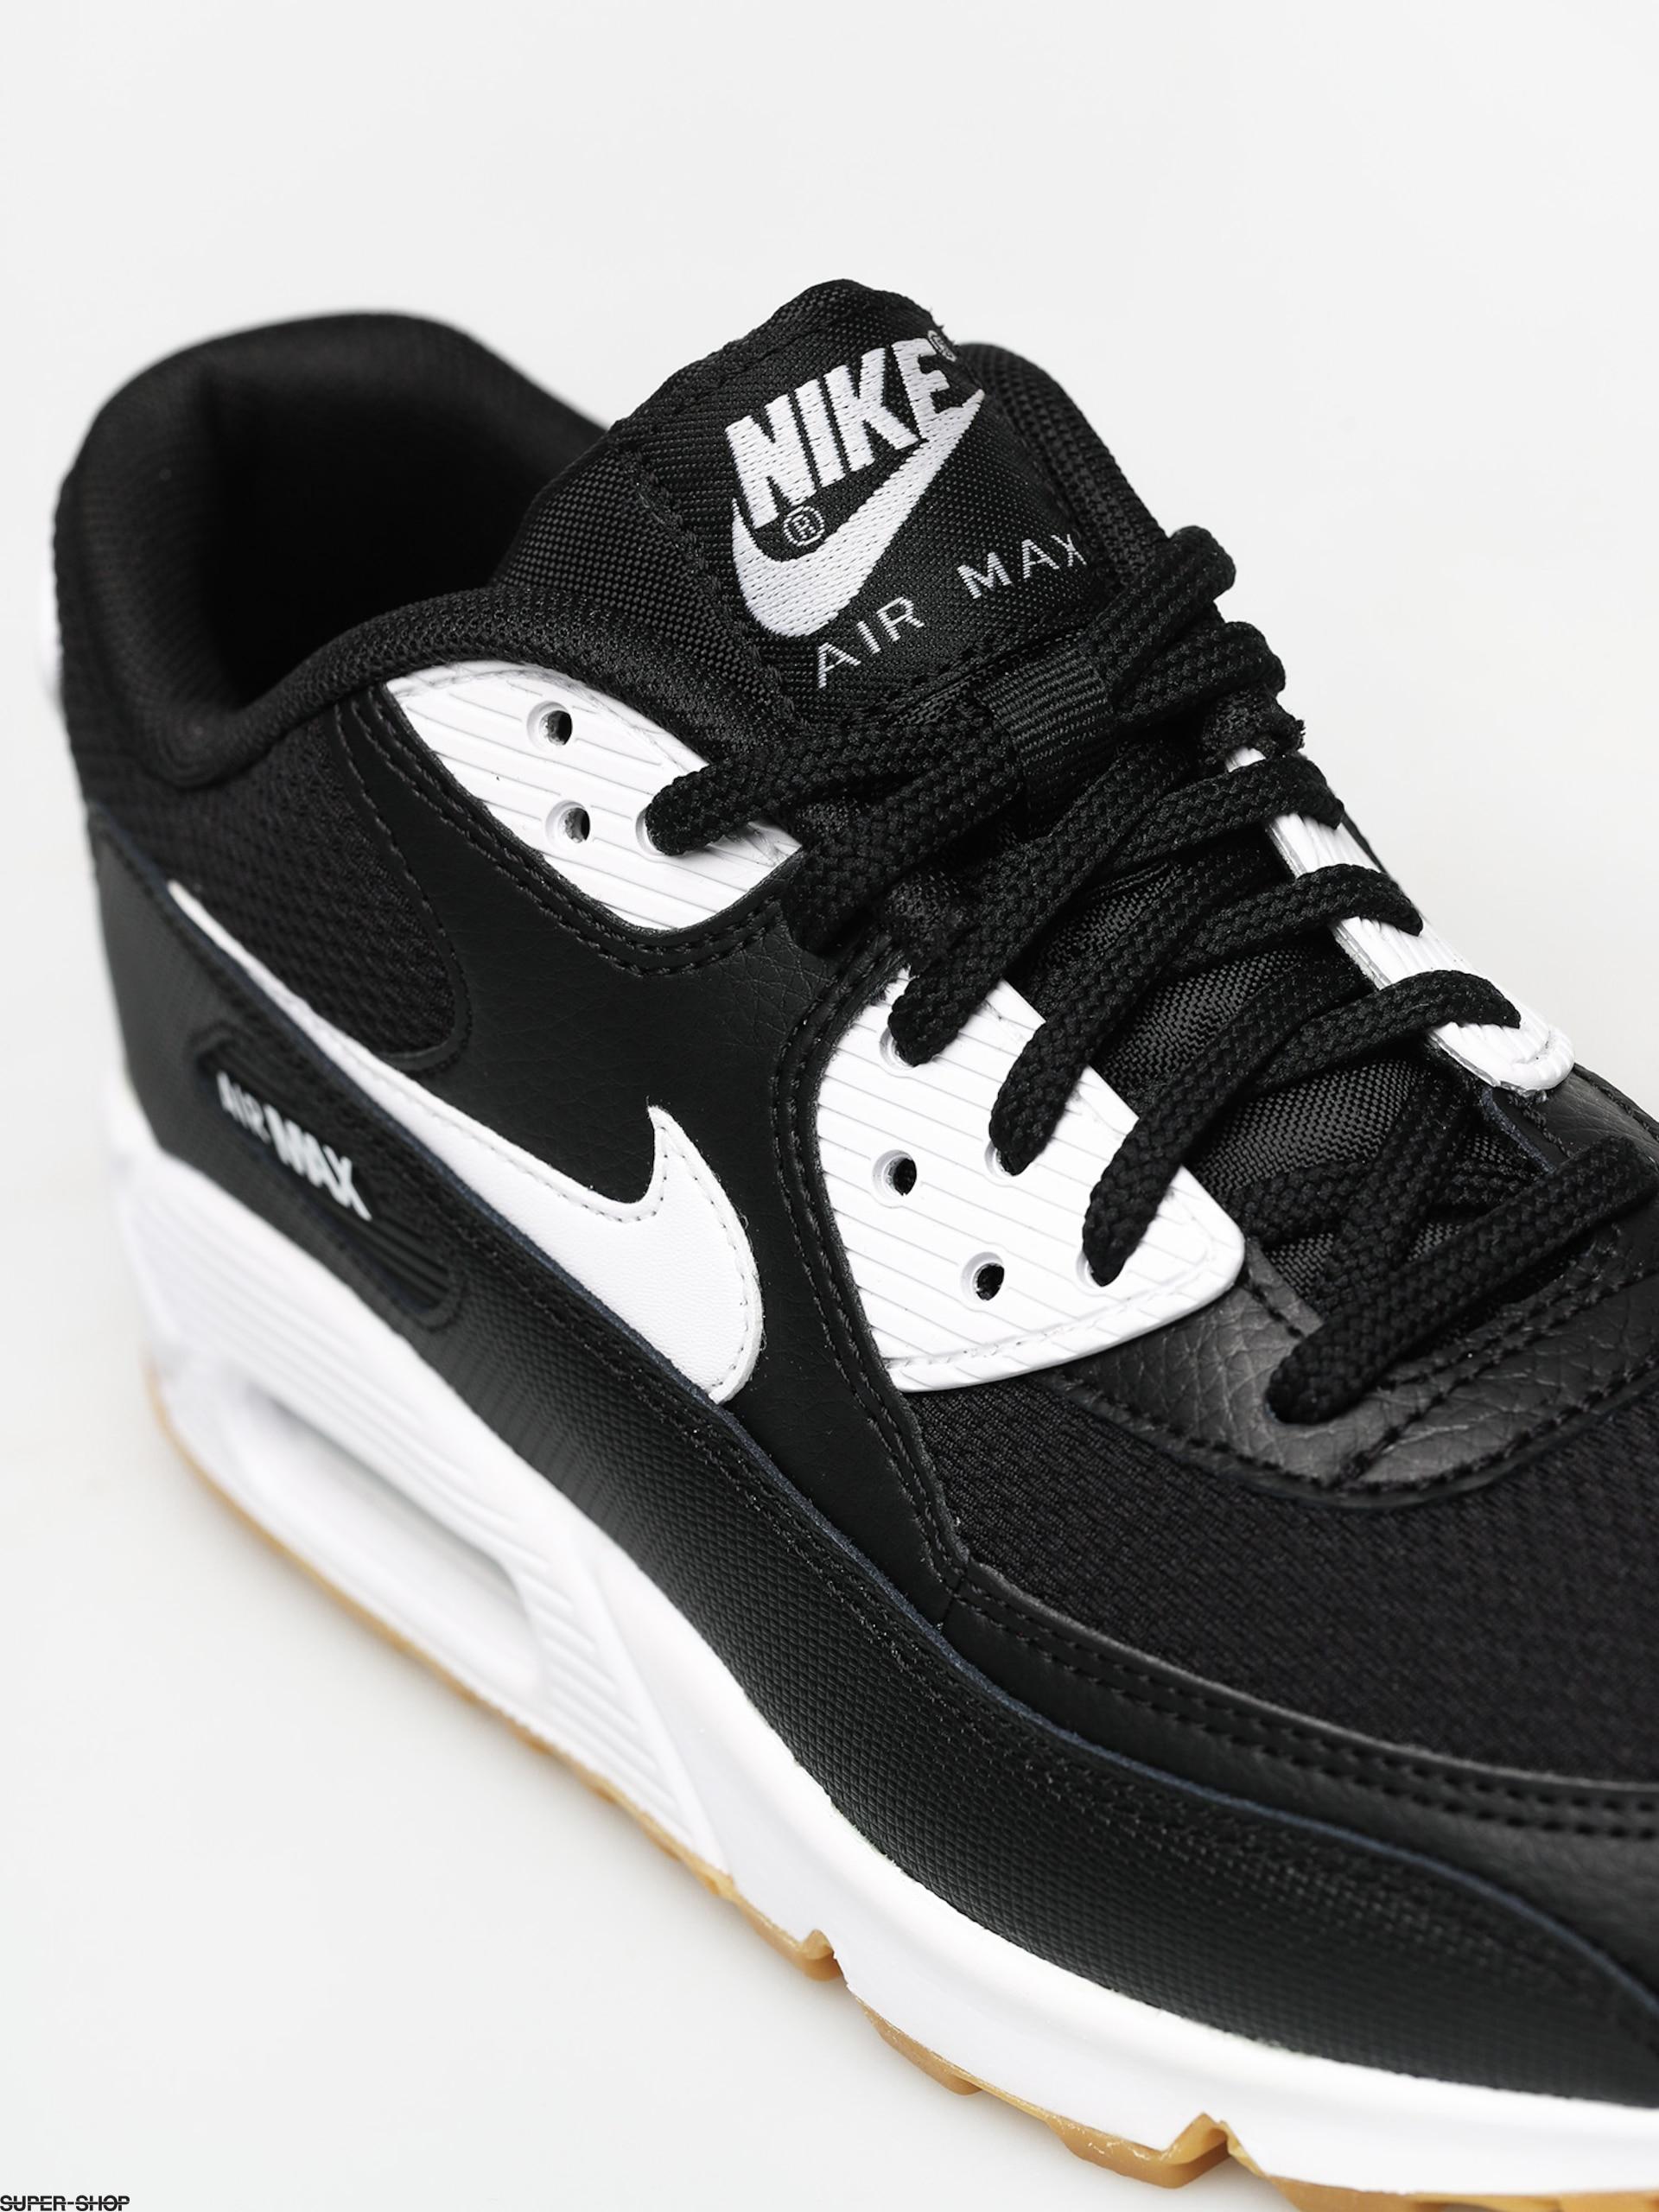 Nike Air Max 90 Shoes Wmn (black/white